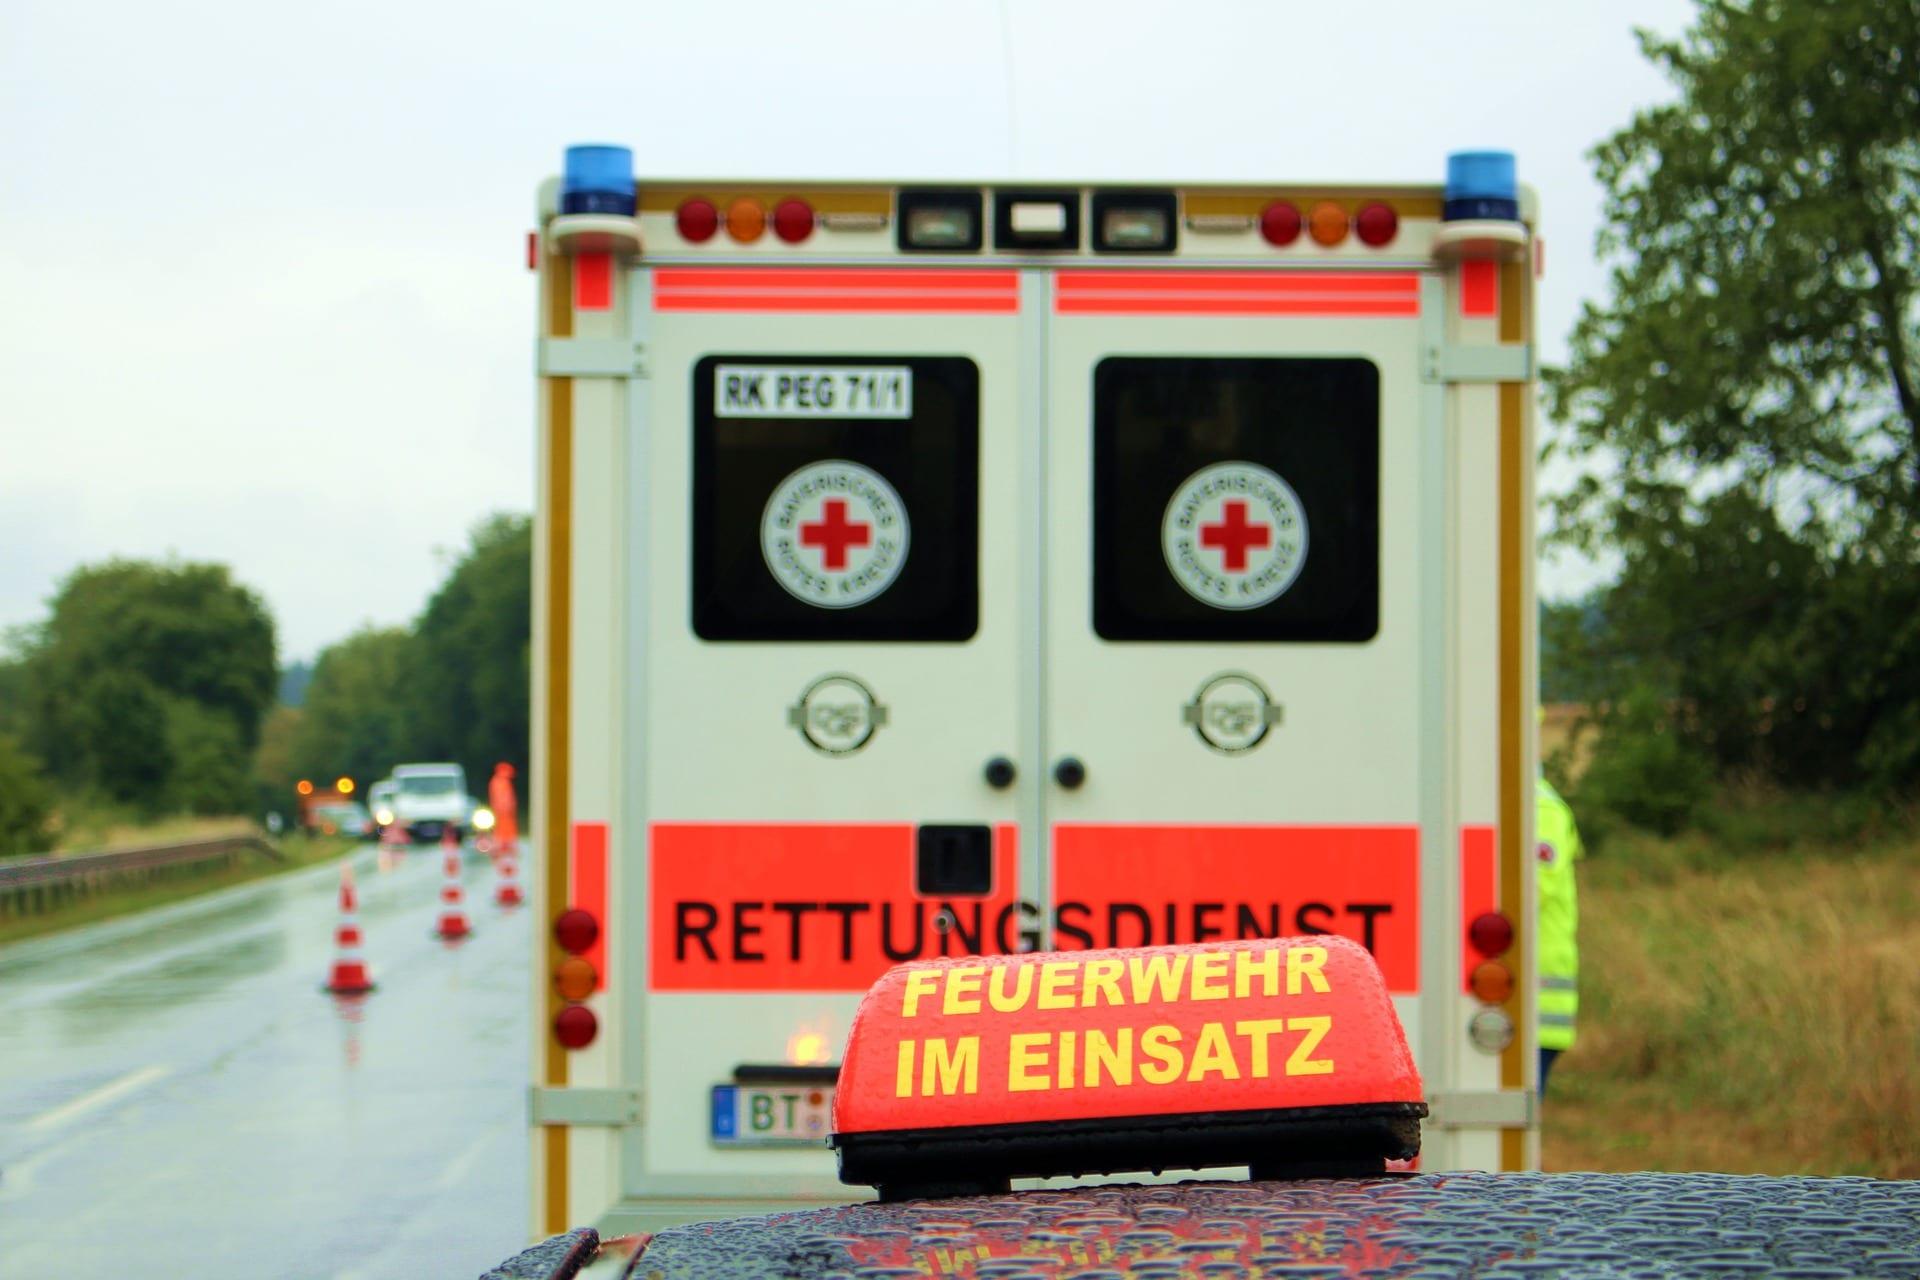 Rettungsdienst bei der Feuerwehr